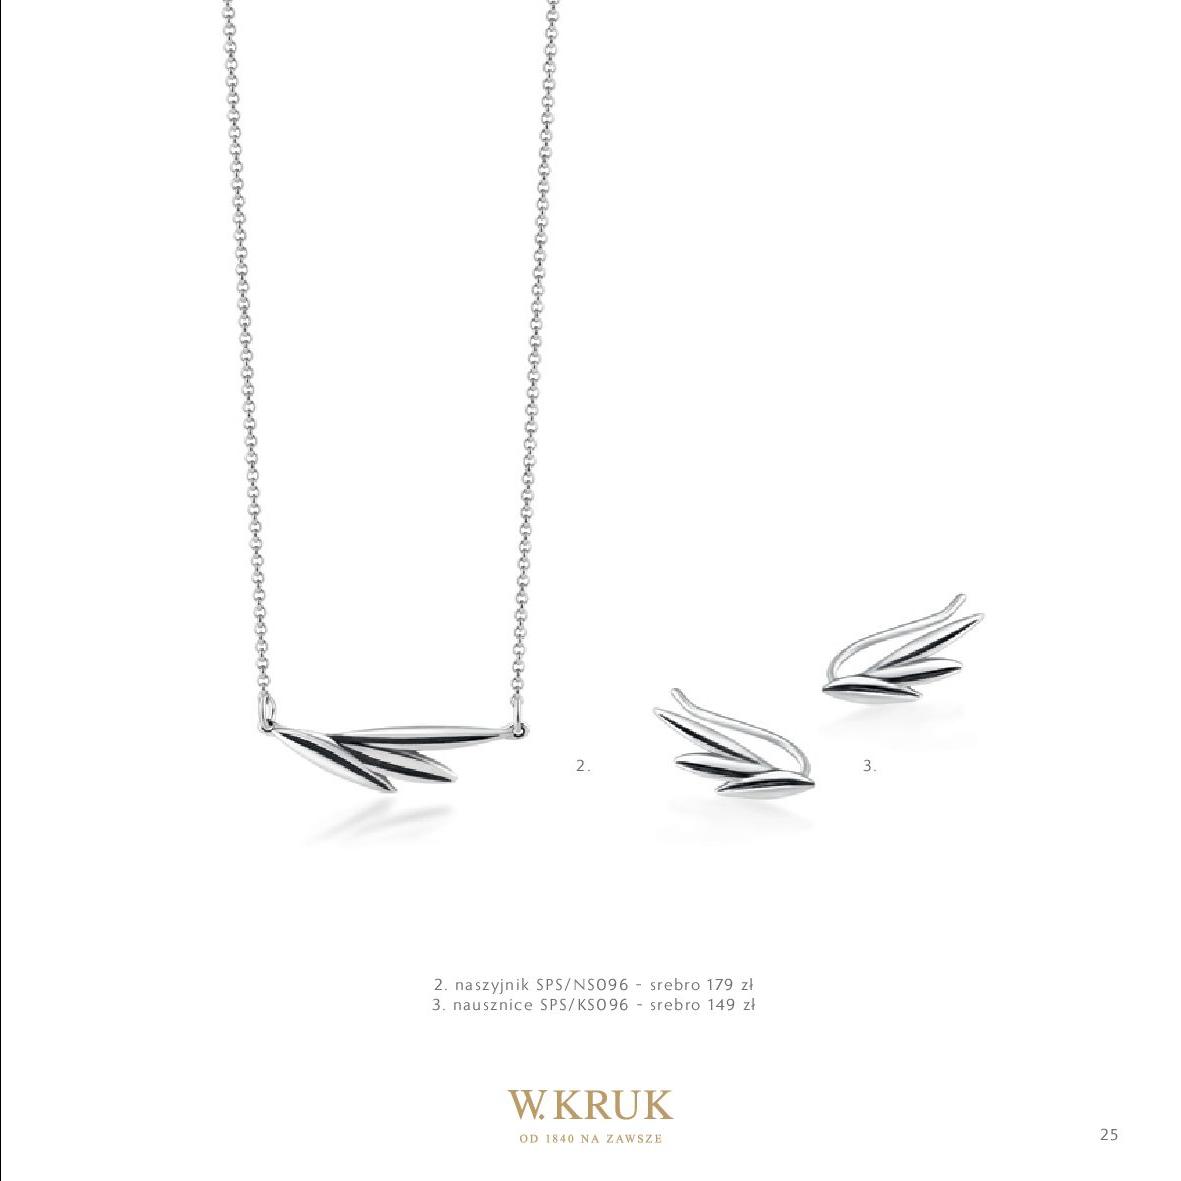 Gazetka W. KRUK: Katalog - Kolekcja Przyjaźń 2021-02-17 page-27